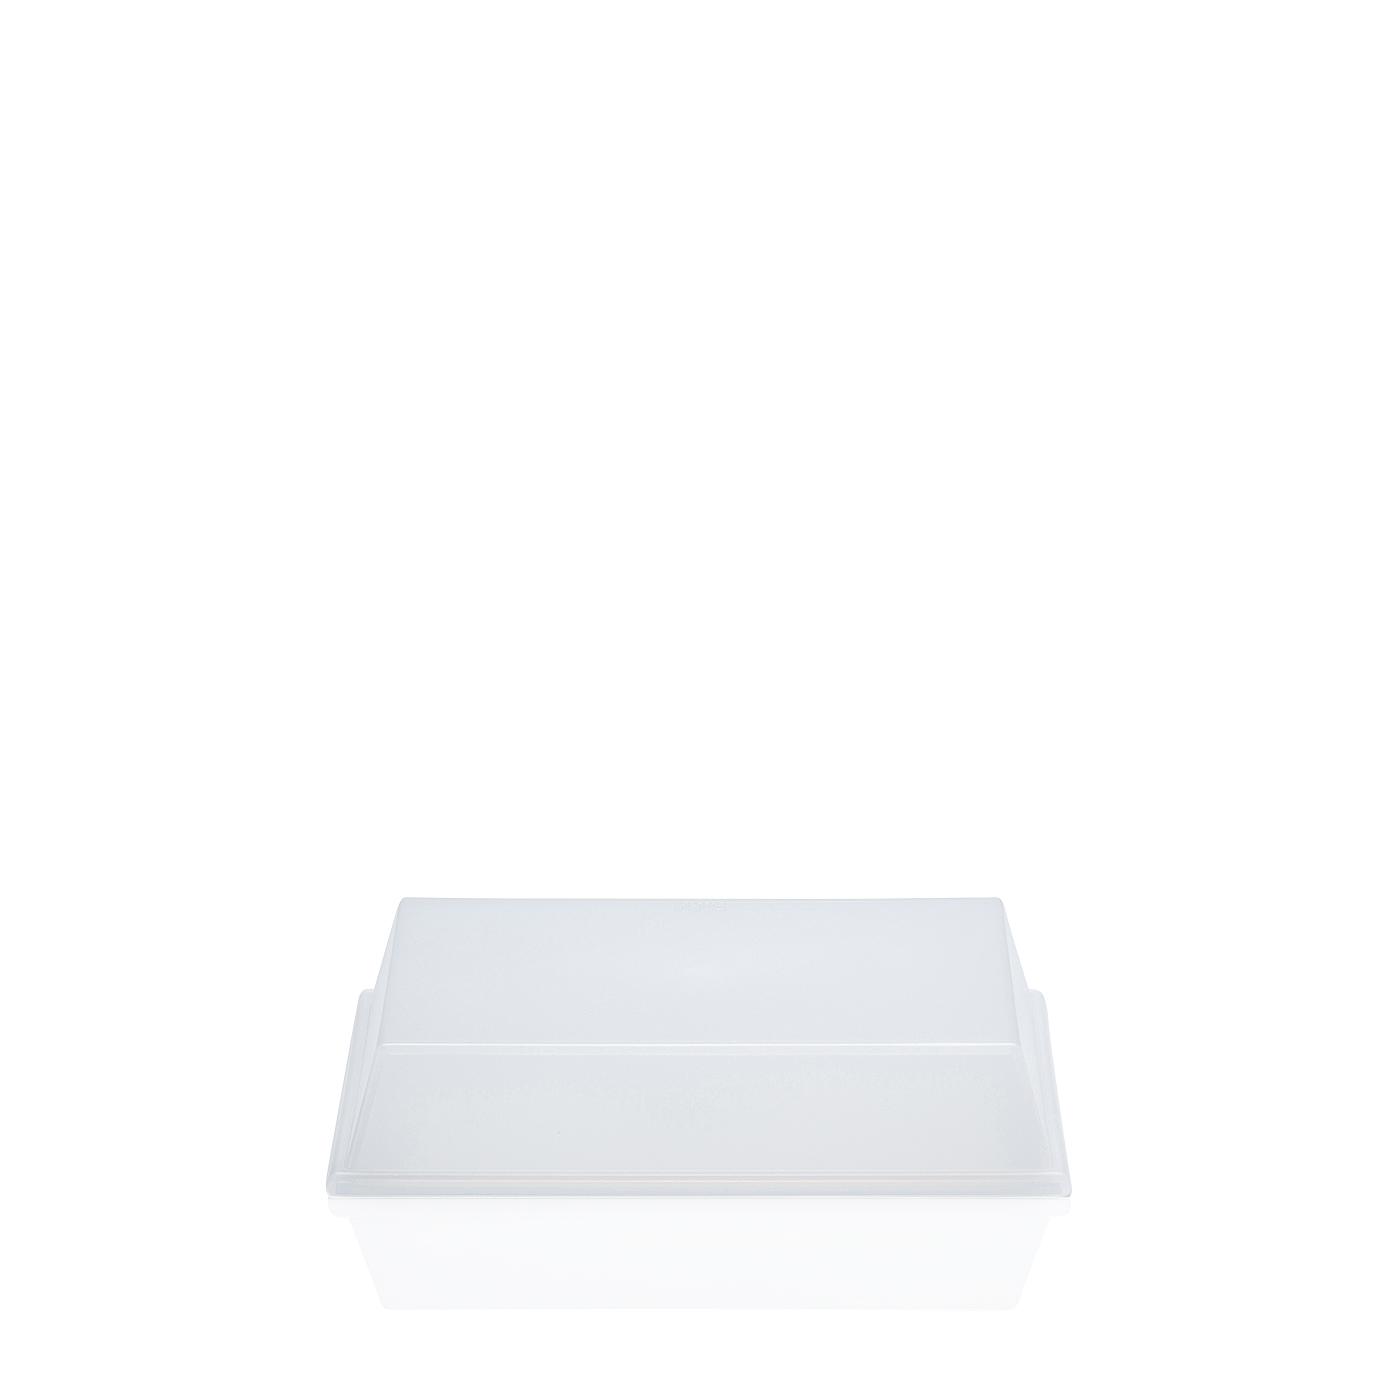 Cloche für Servierplatte 15x20 cm Tric Kunststoff transparent Arzberg